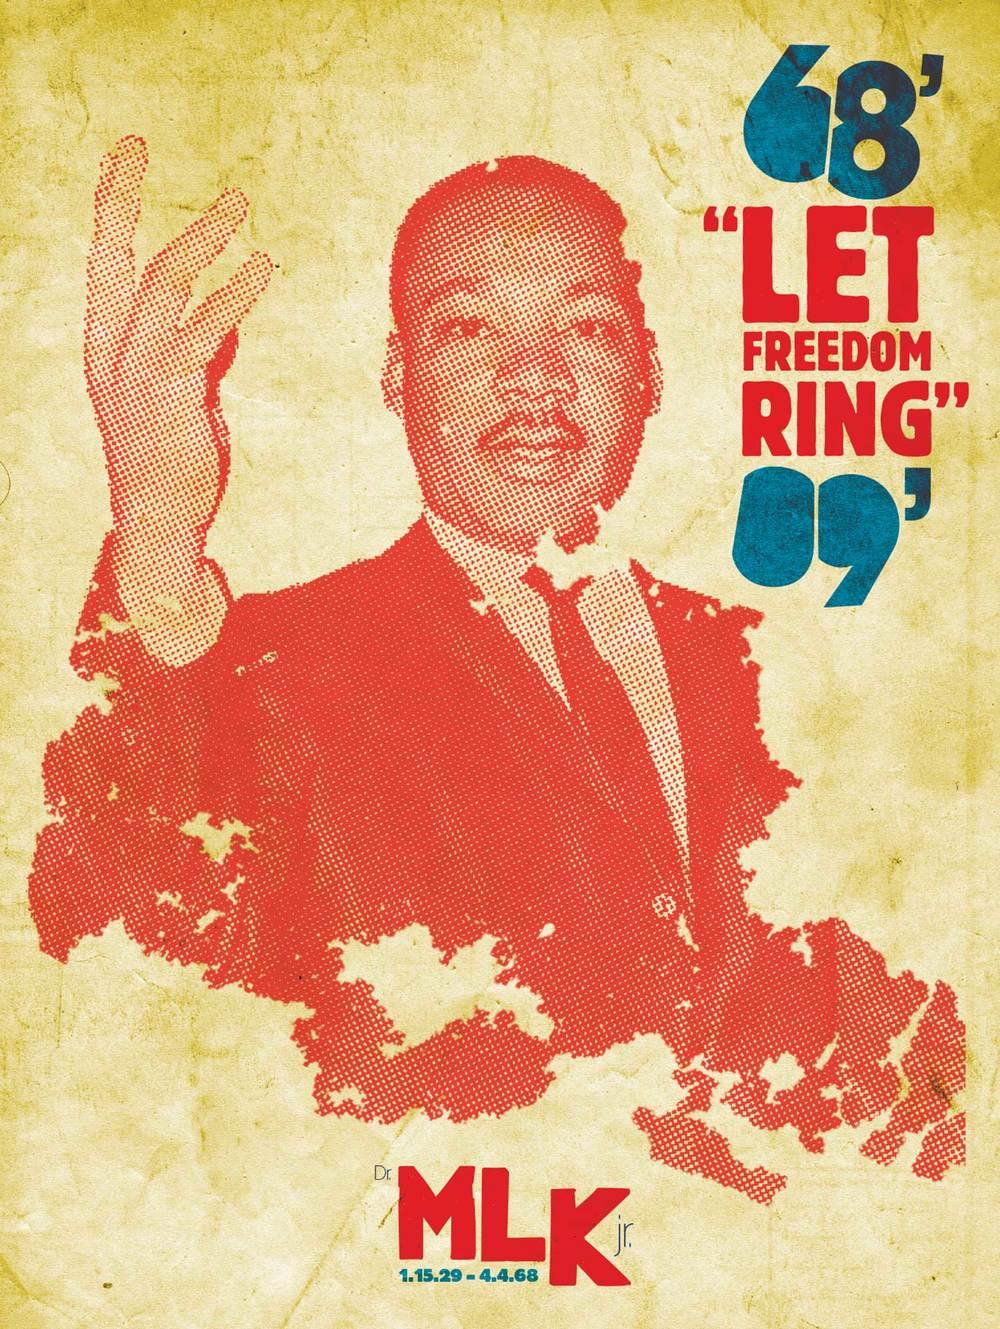 MLK-Tribute-2-of-3.jpg